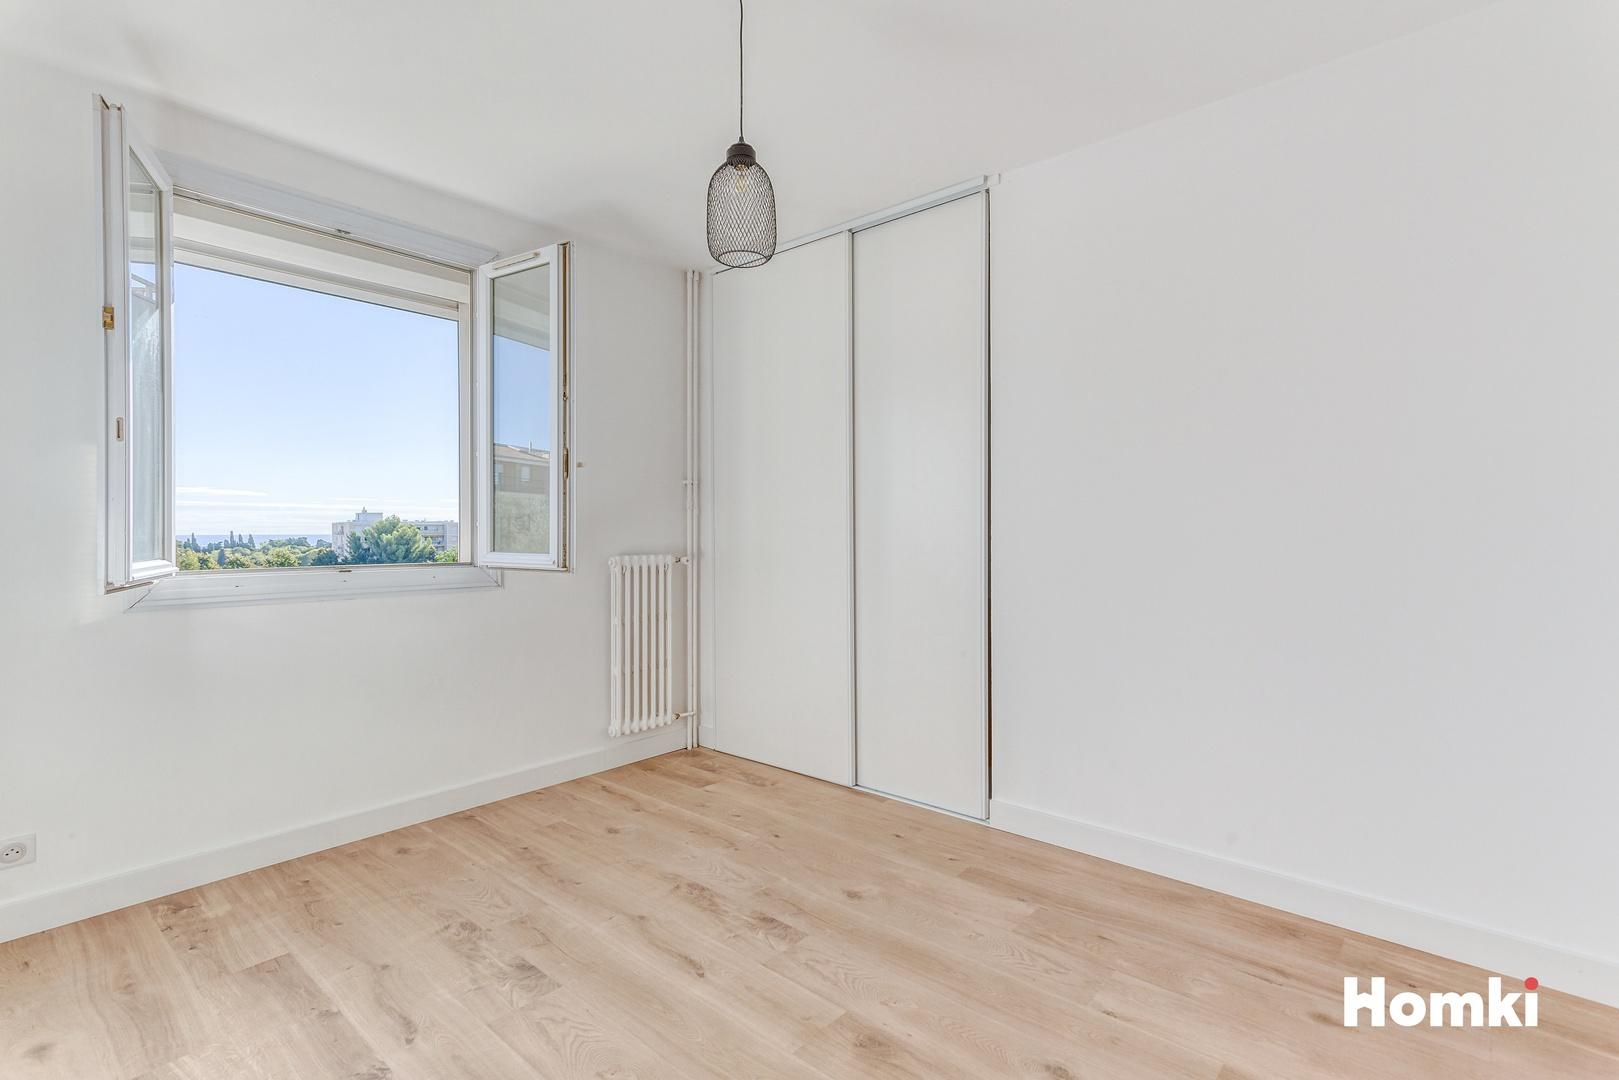 Homki - Vente Appartement  de 70.0 m² à Antibes 06600